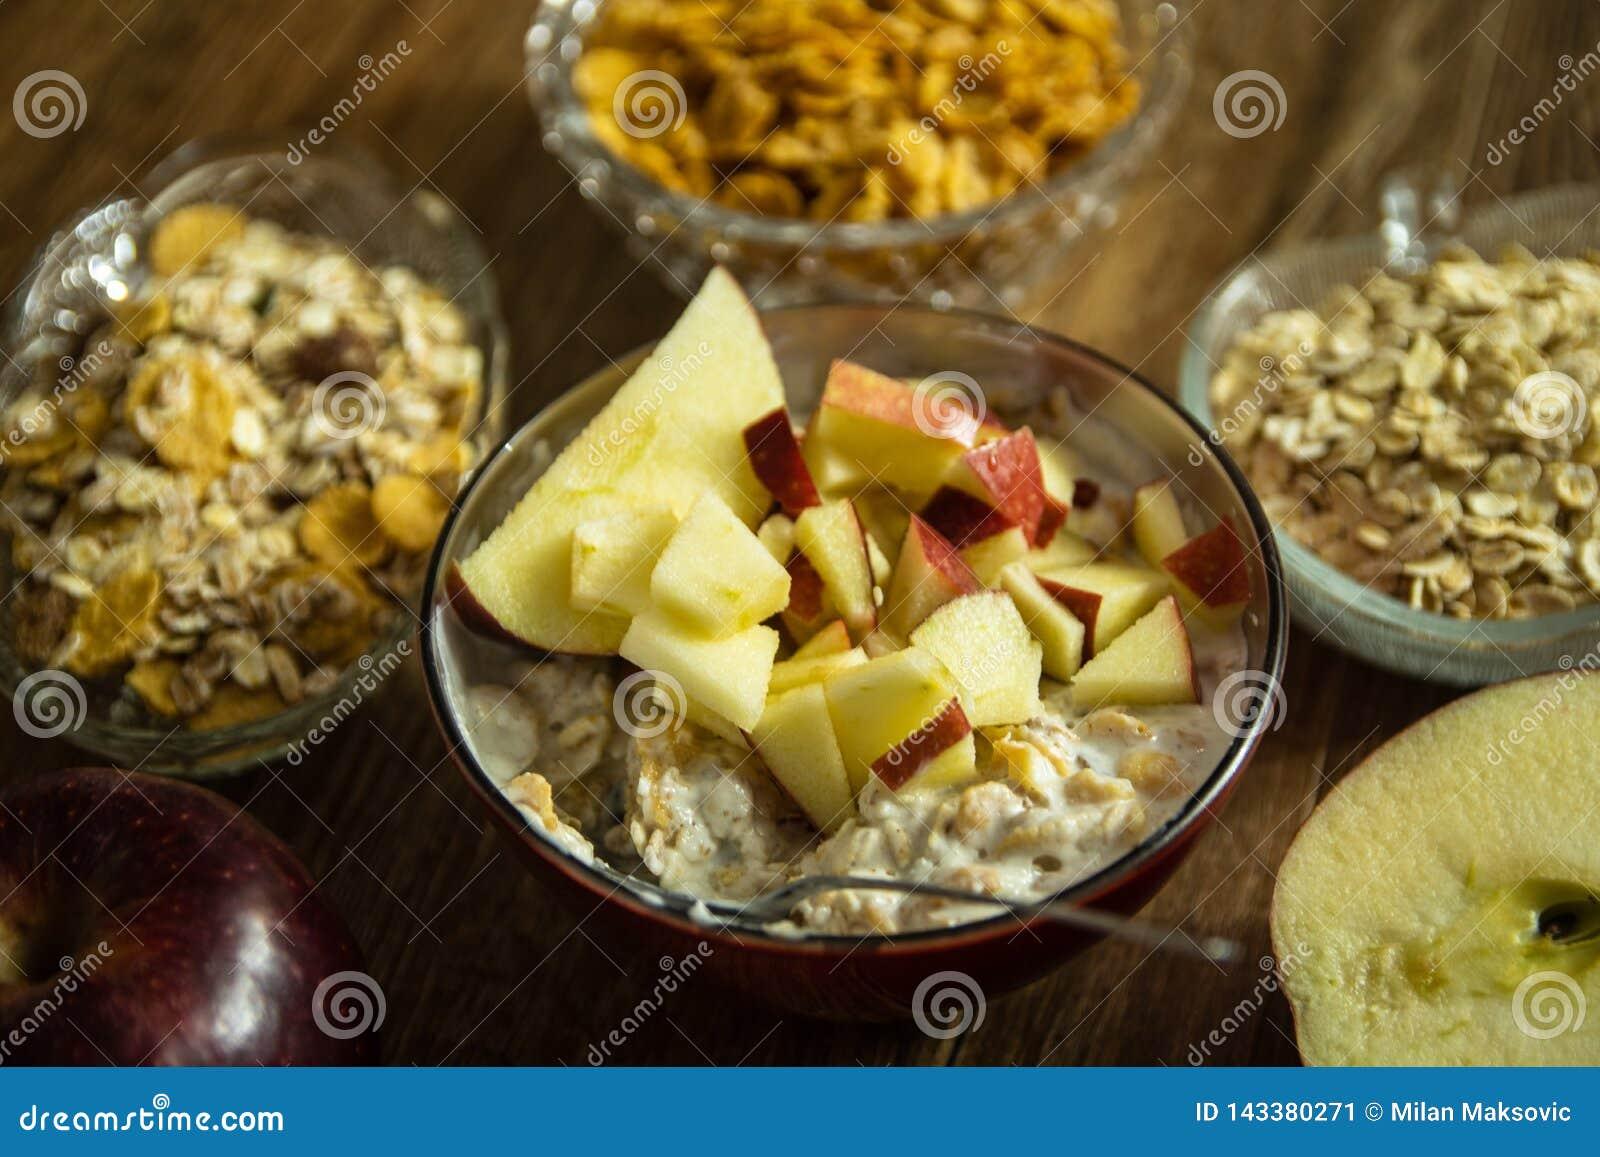 Muesli с сухофруктом, молоком и отрезанным красным яблоком на деревянном столе